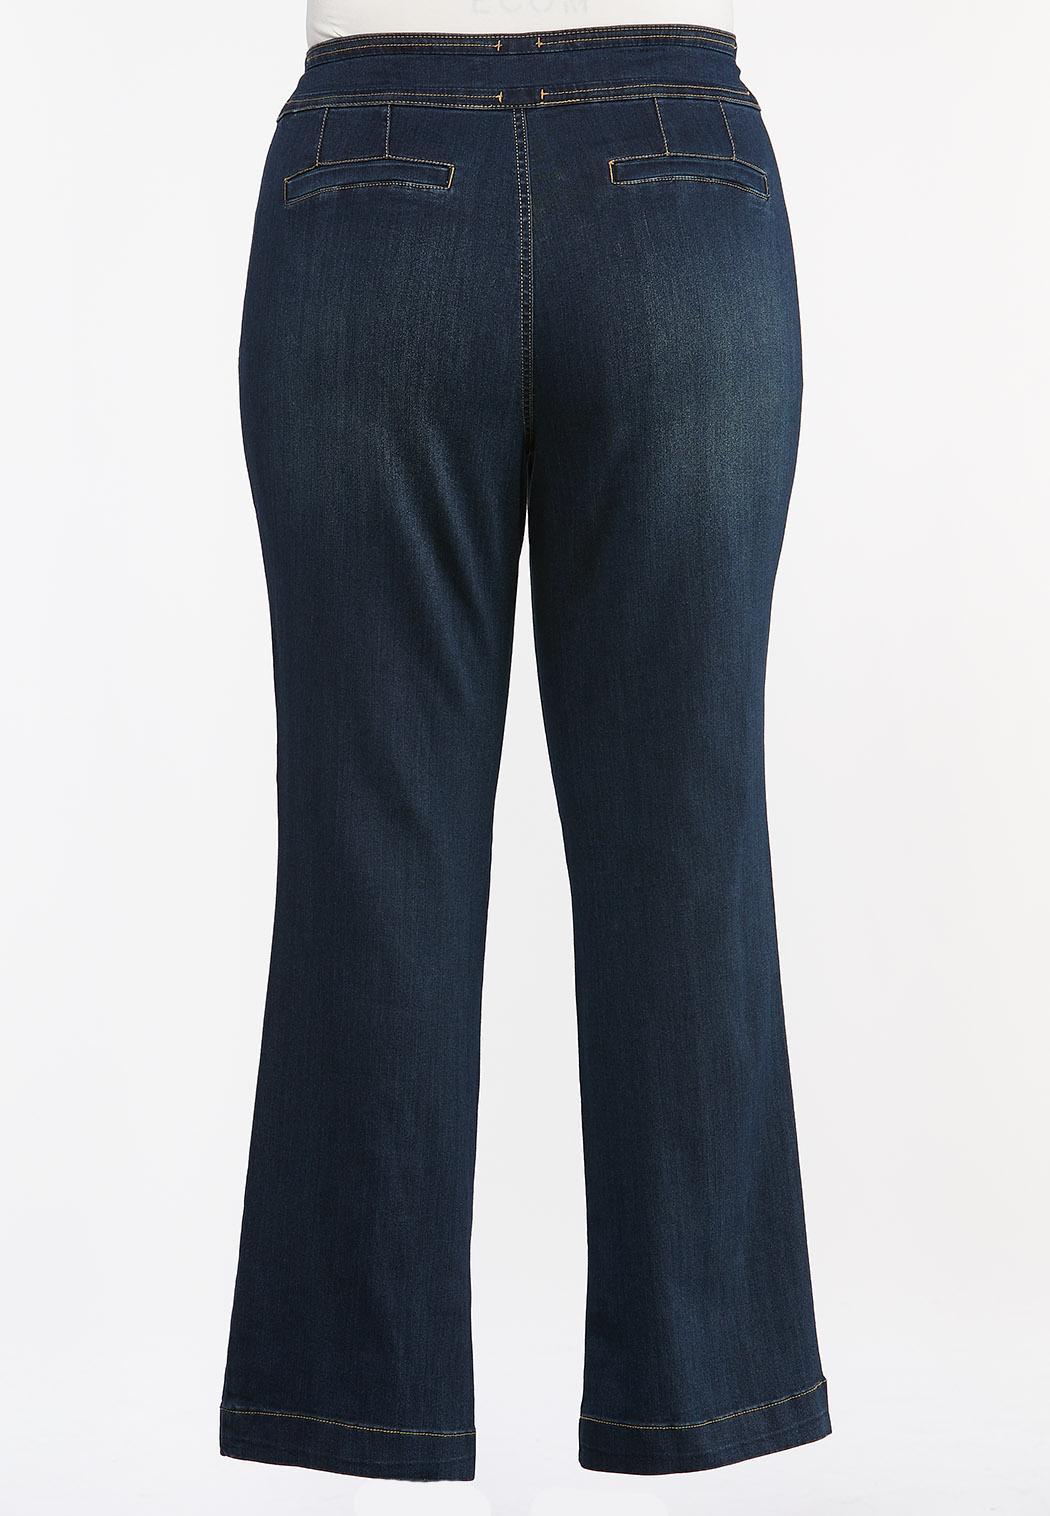 Plus Petite Double Button Jeans (Item #44378995)